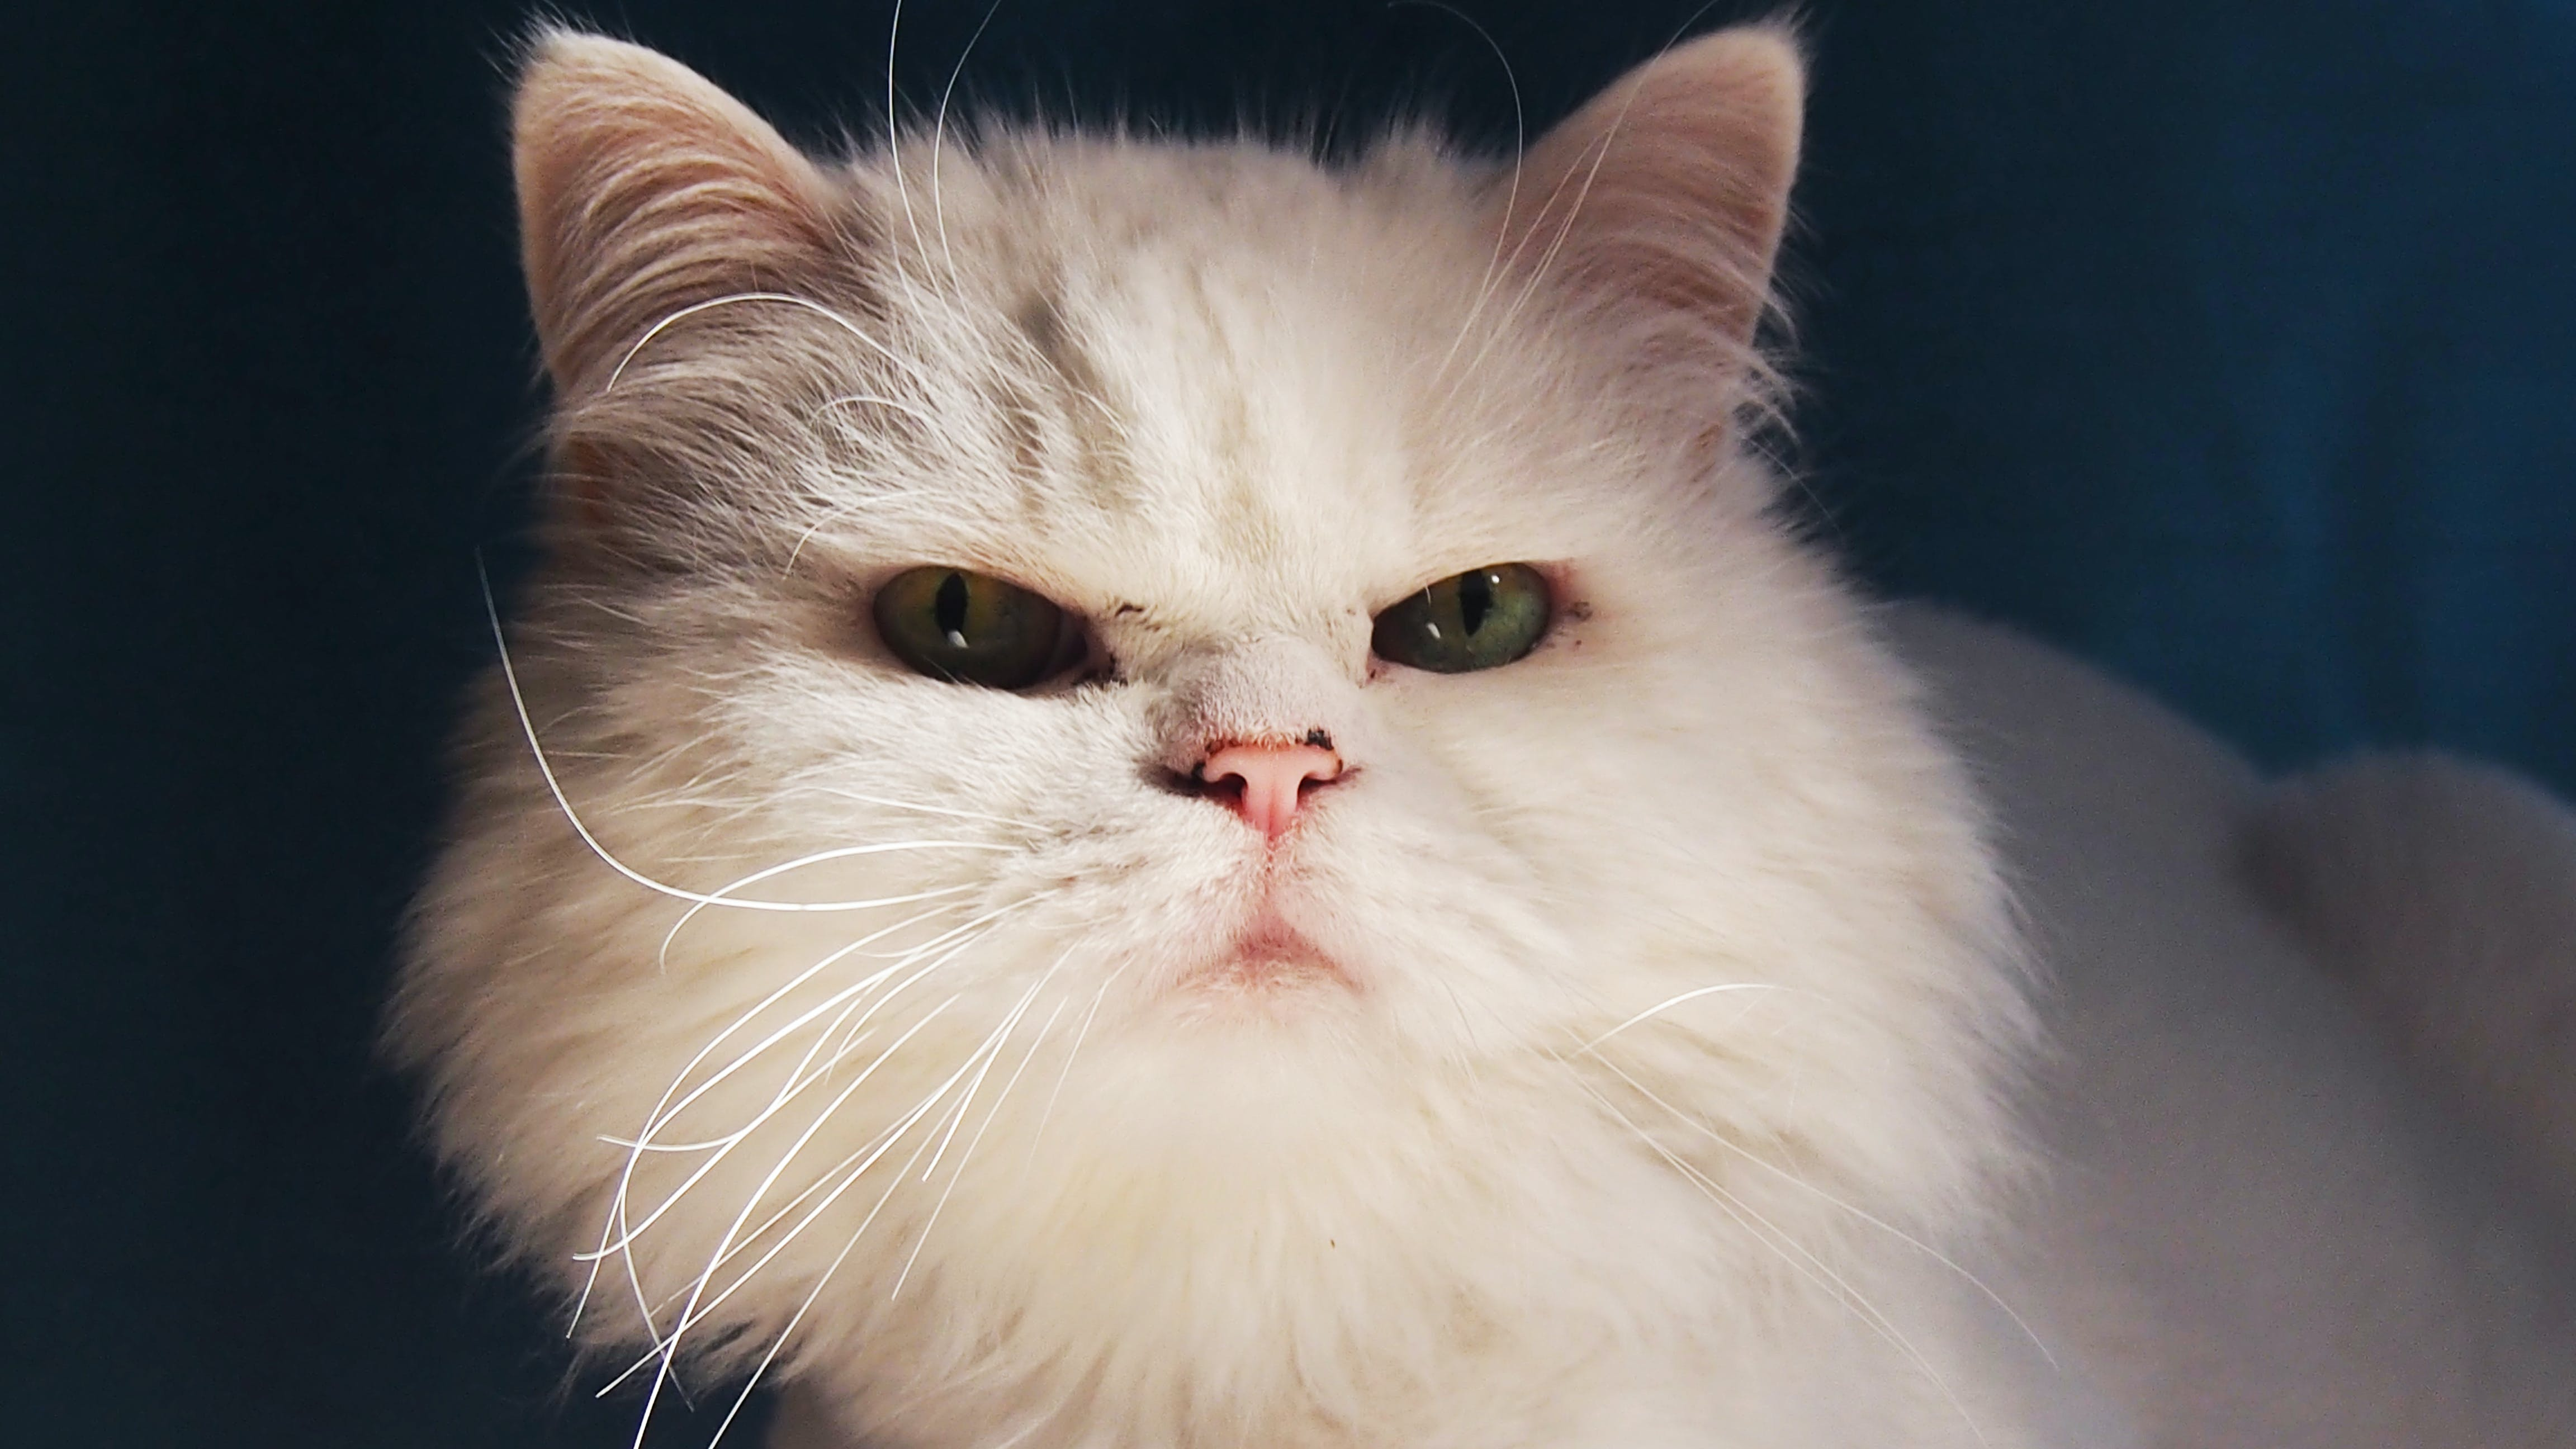 Free stock photo of cat, white cat